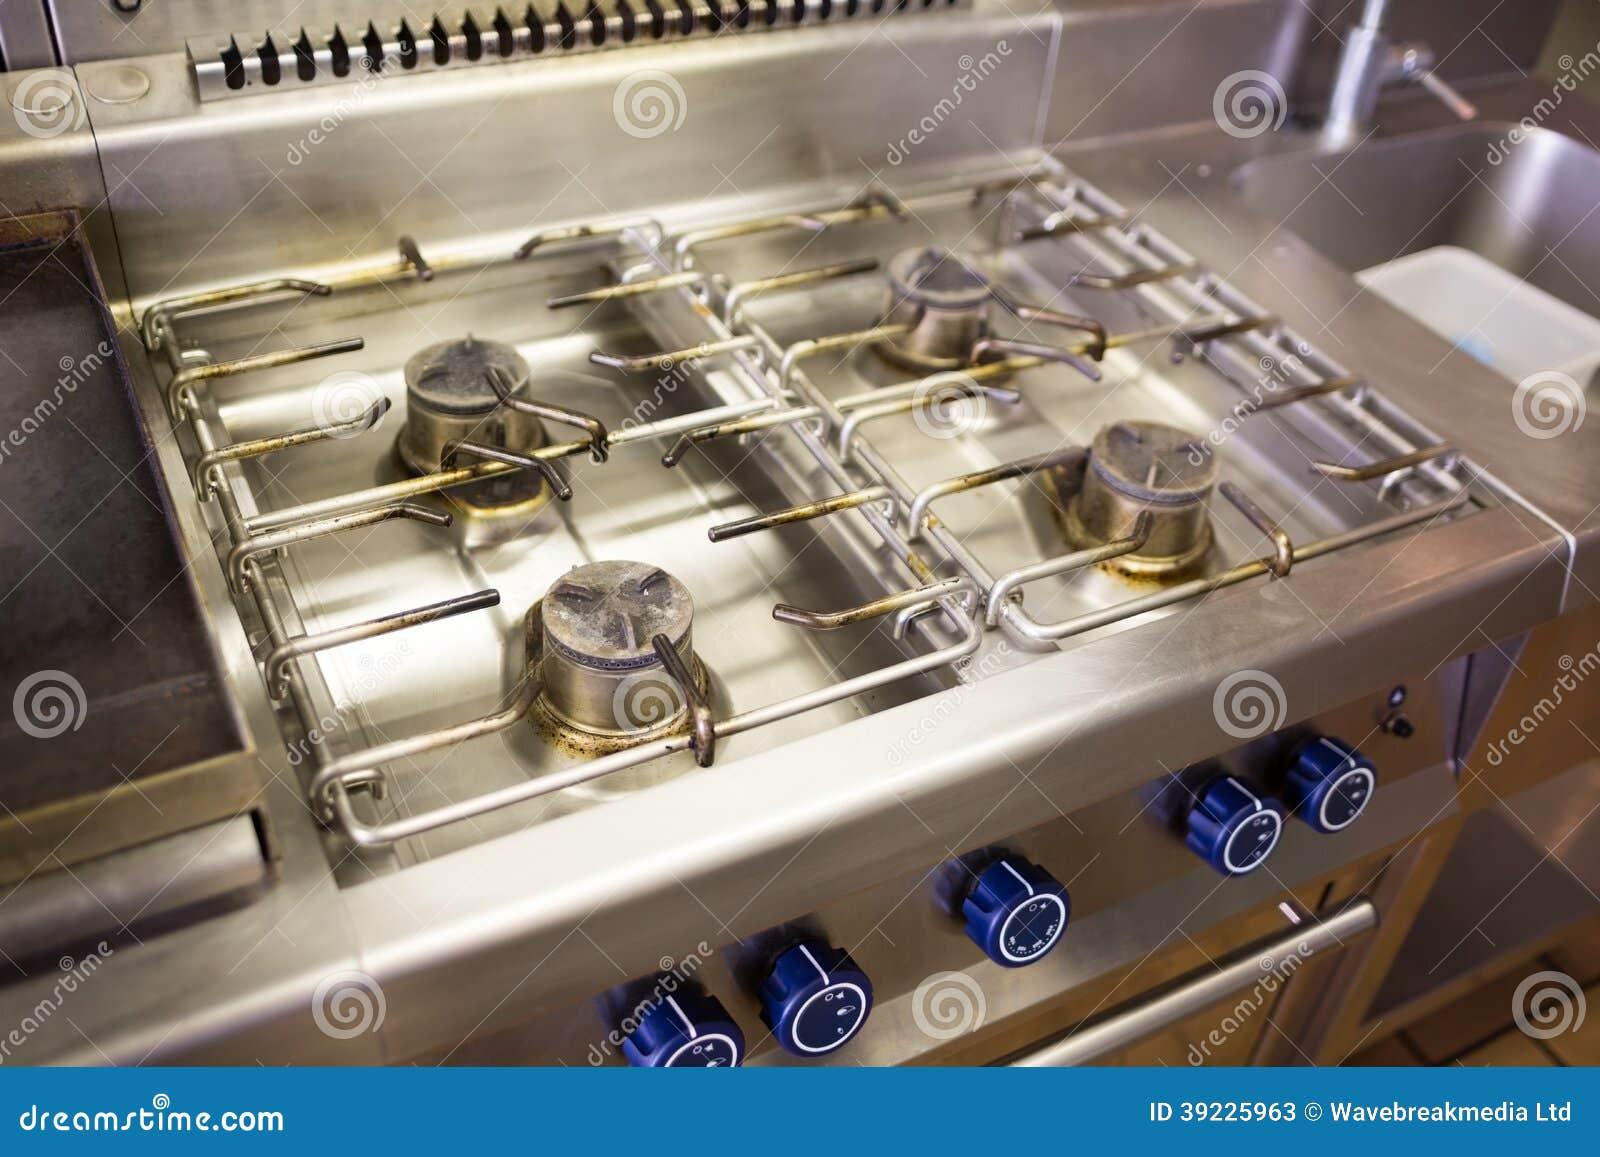 Hornilla de la estufa de gas de la cocina foto de archivo for Estufas de cocina de gas